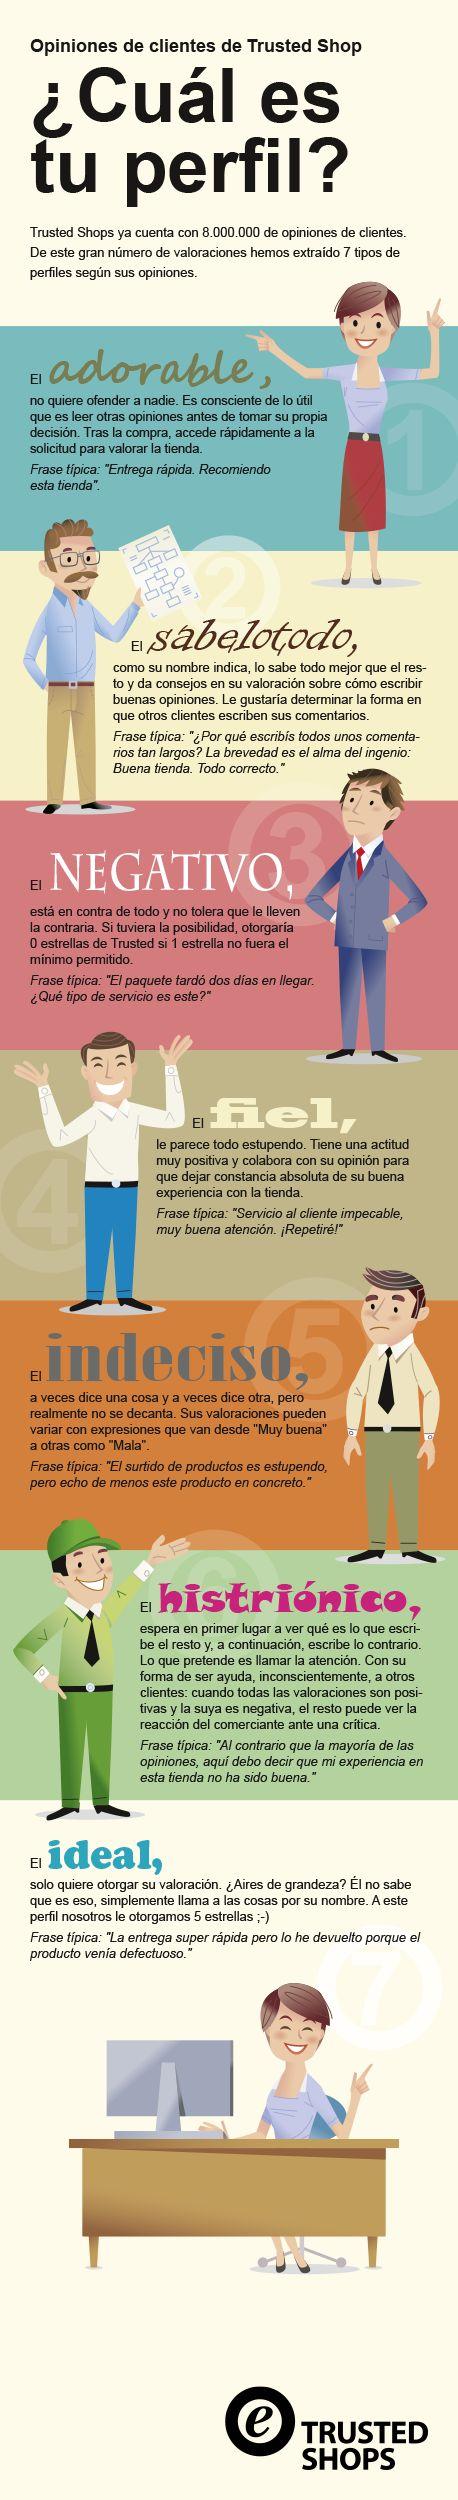 Tipos de clientes #infografia #infographic #marketing